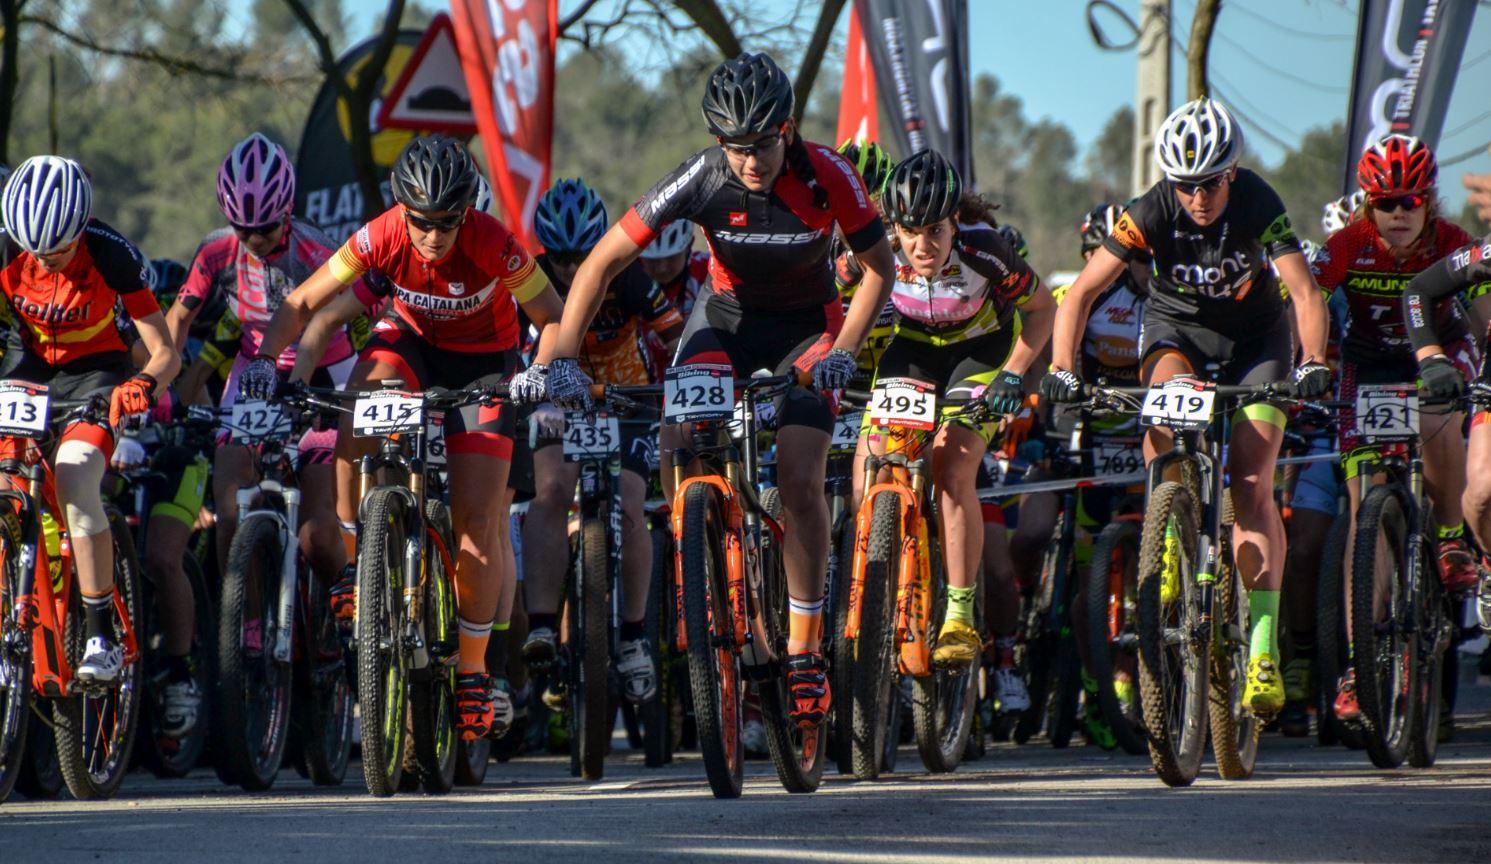 La Copa Catalana Internacional Biking Point de Corró d'Amunt dará continuidad al mejor XCO